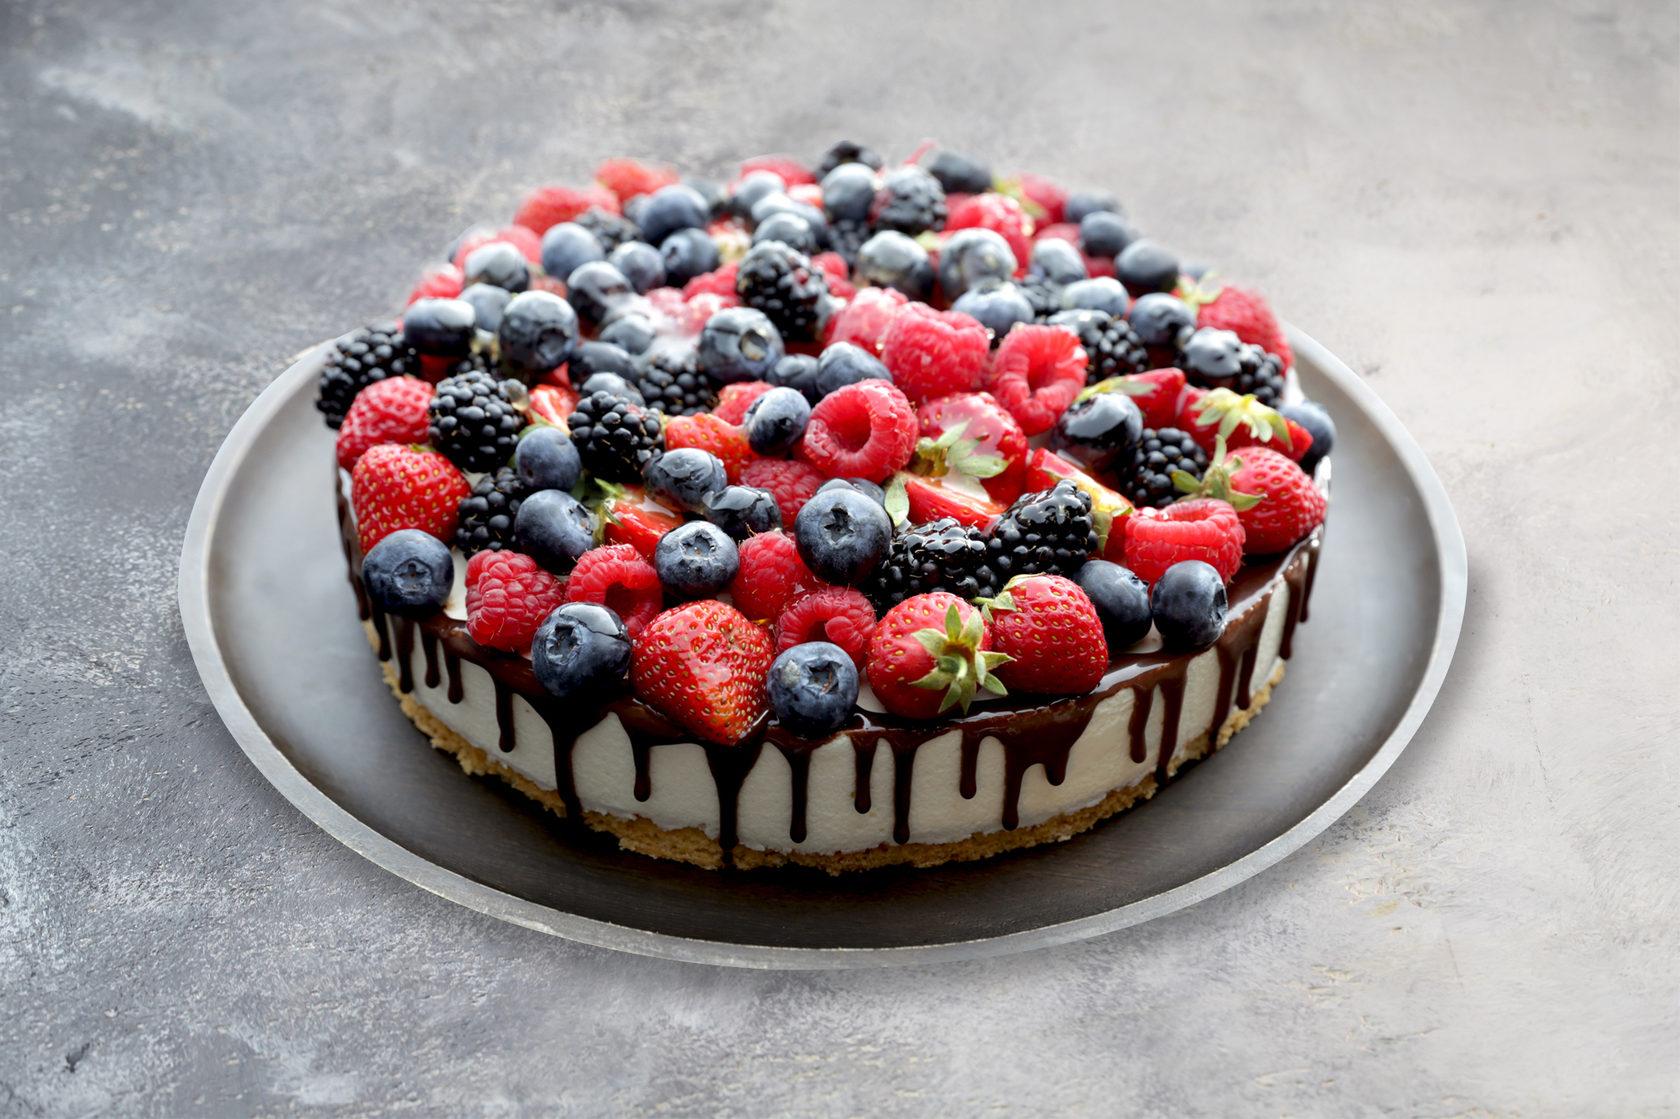 там фото рецепт бисквитного торта с ягодами художник-граффити черной